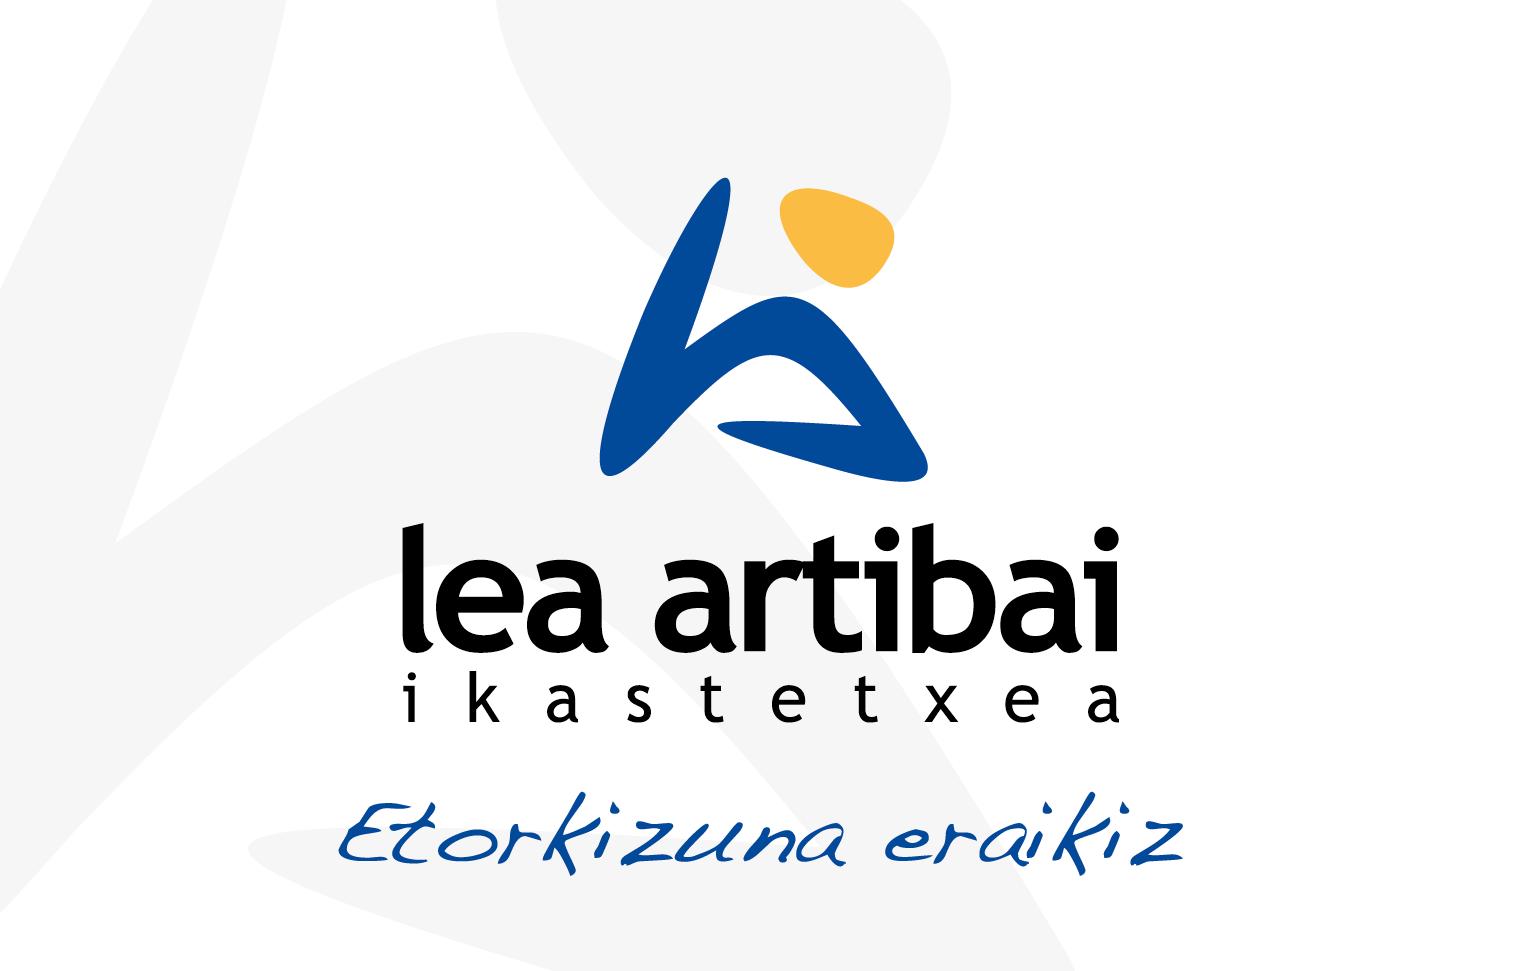 Etorkizuna eraikiz Lea Artibai Ikastextea burutu